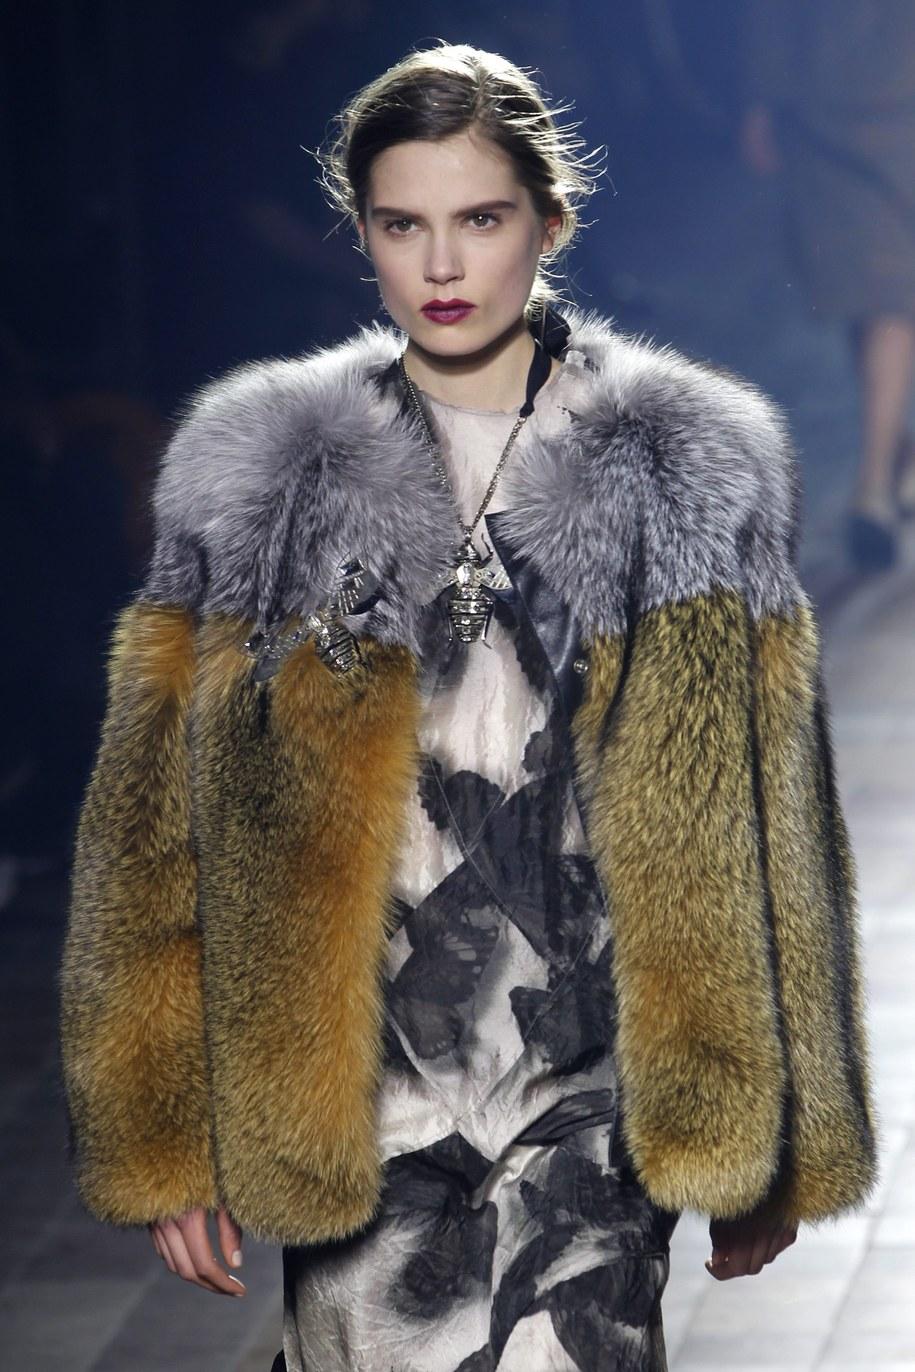 Szalenie modne będą m.in. futrzane kożuchy i kurtki /GUILLAUME HORCAJUELO  /PAP/EPA